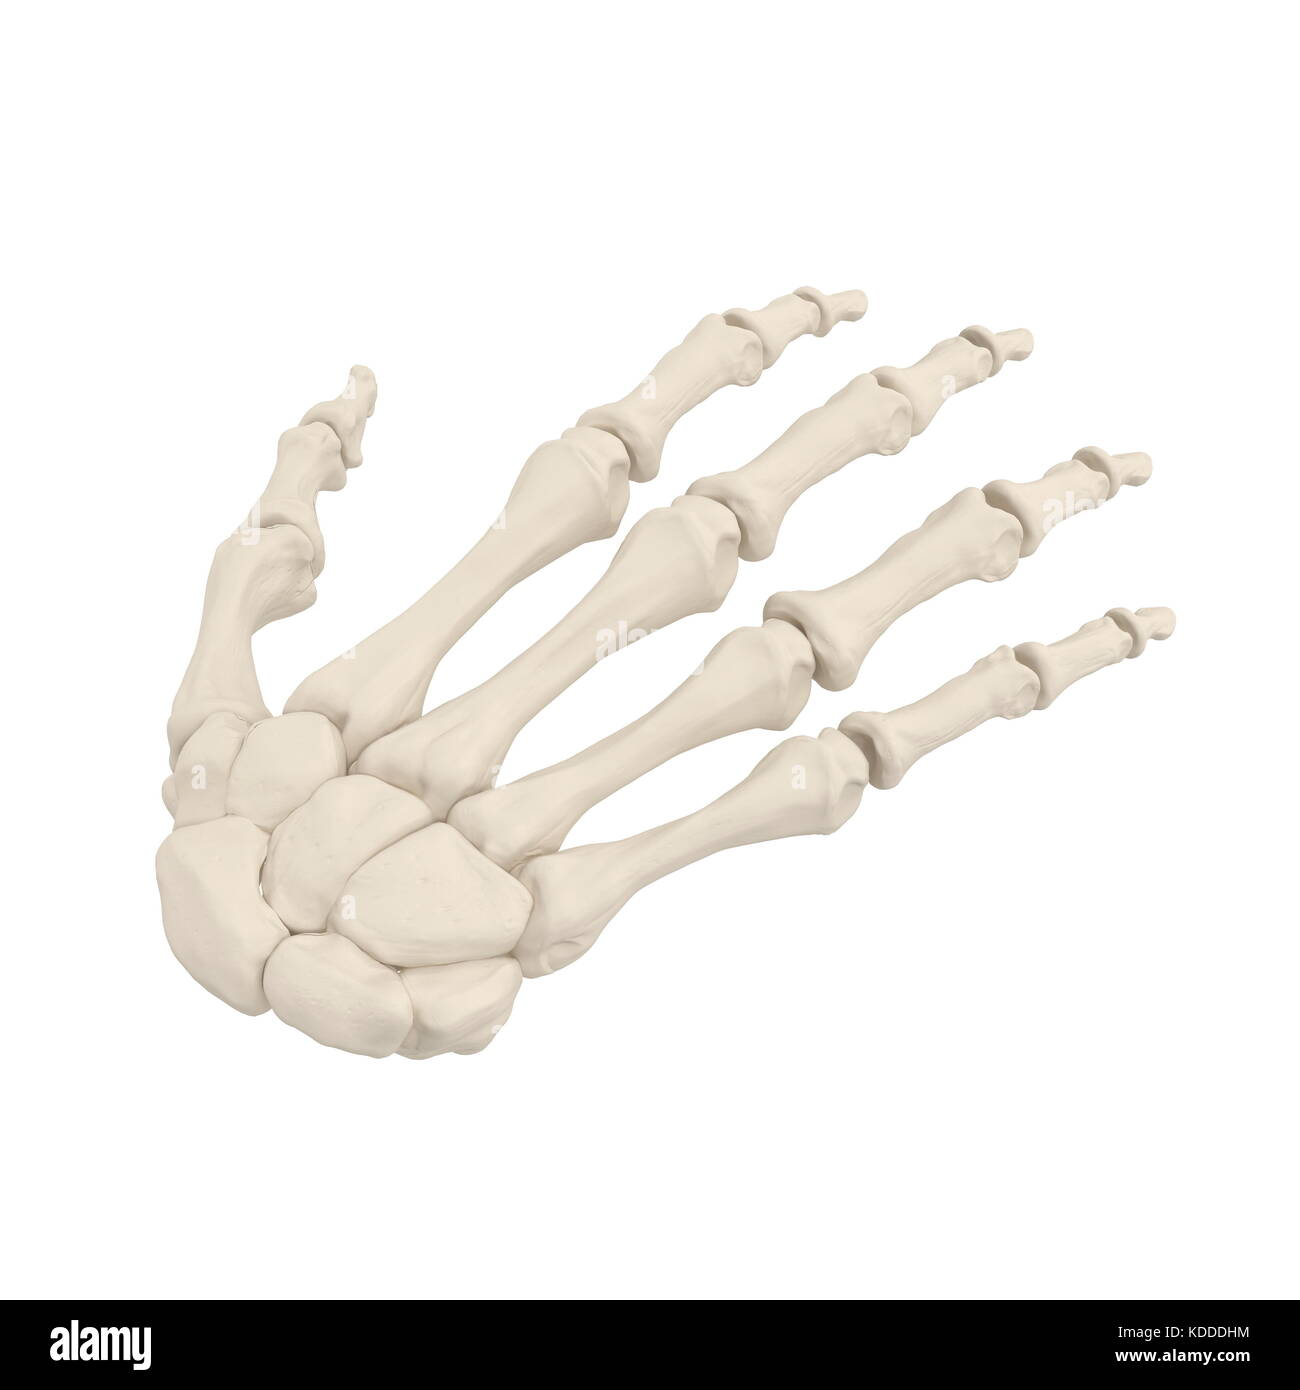 Menschlichen arm Knochen auf Weiß. 3D-Darstellung Stockfoto, Bild ...